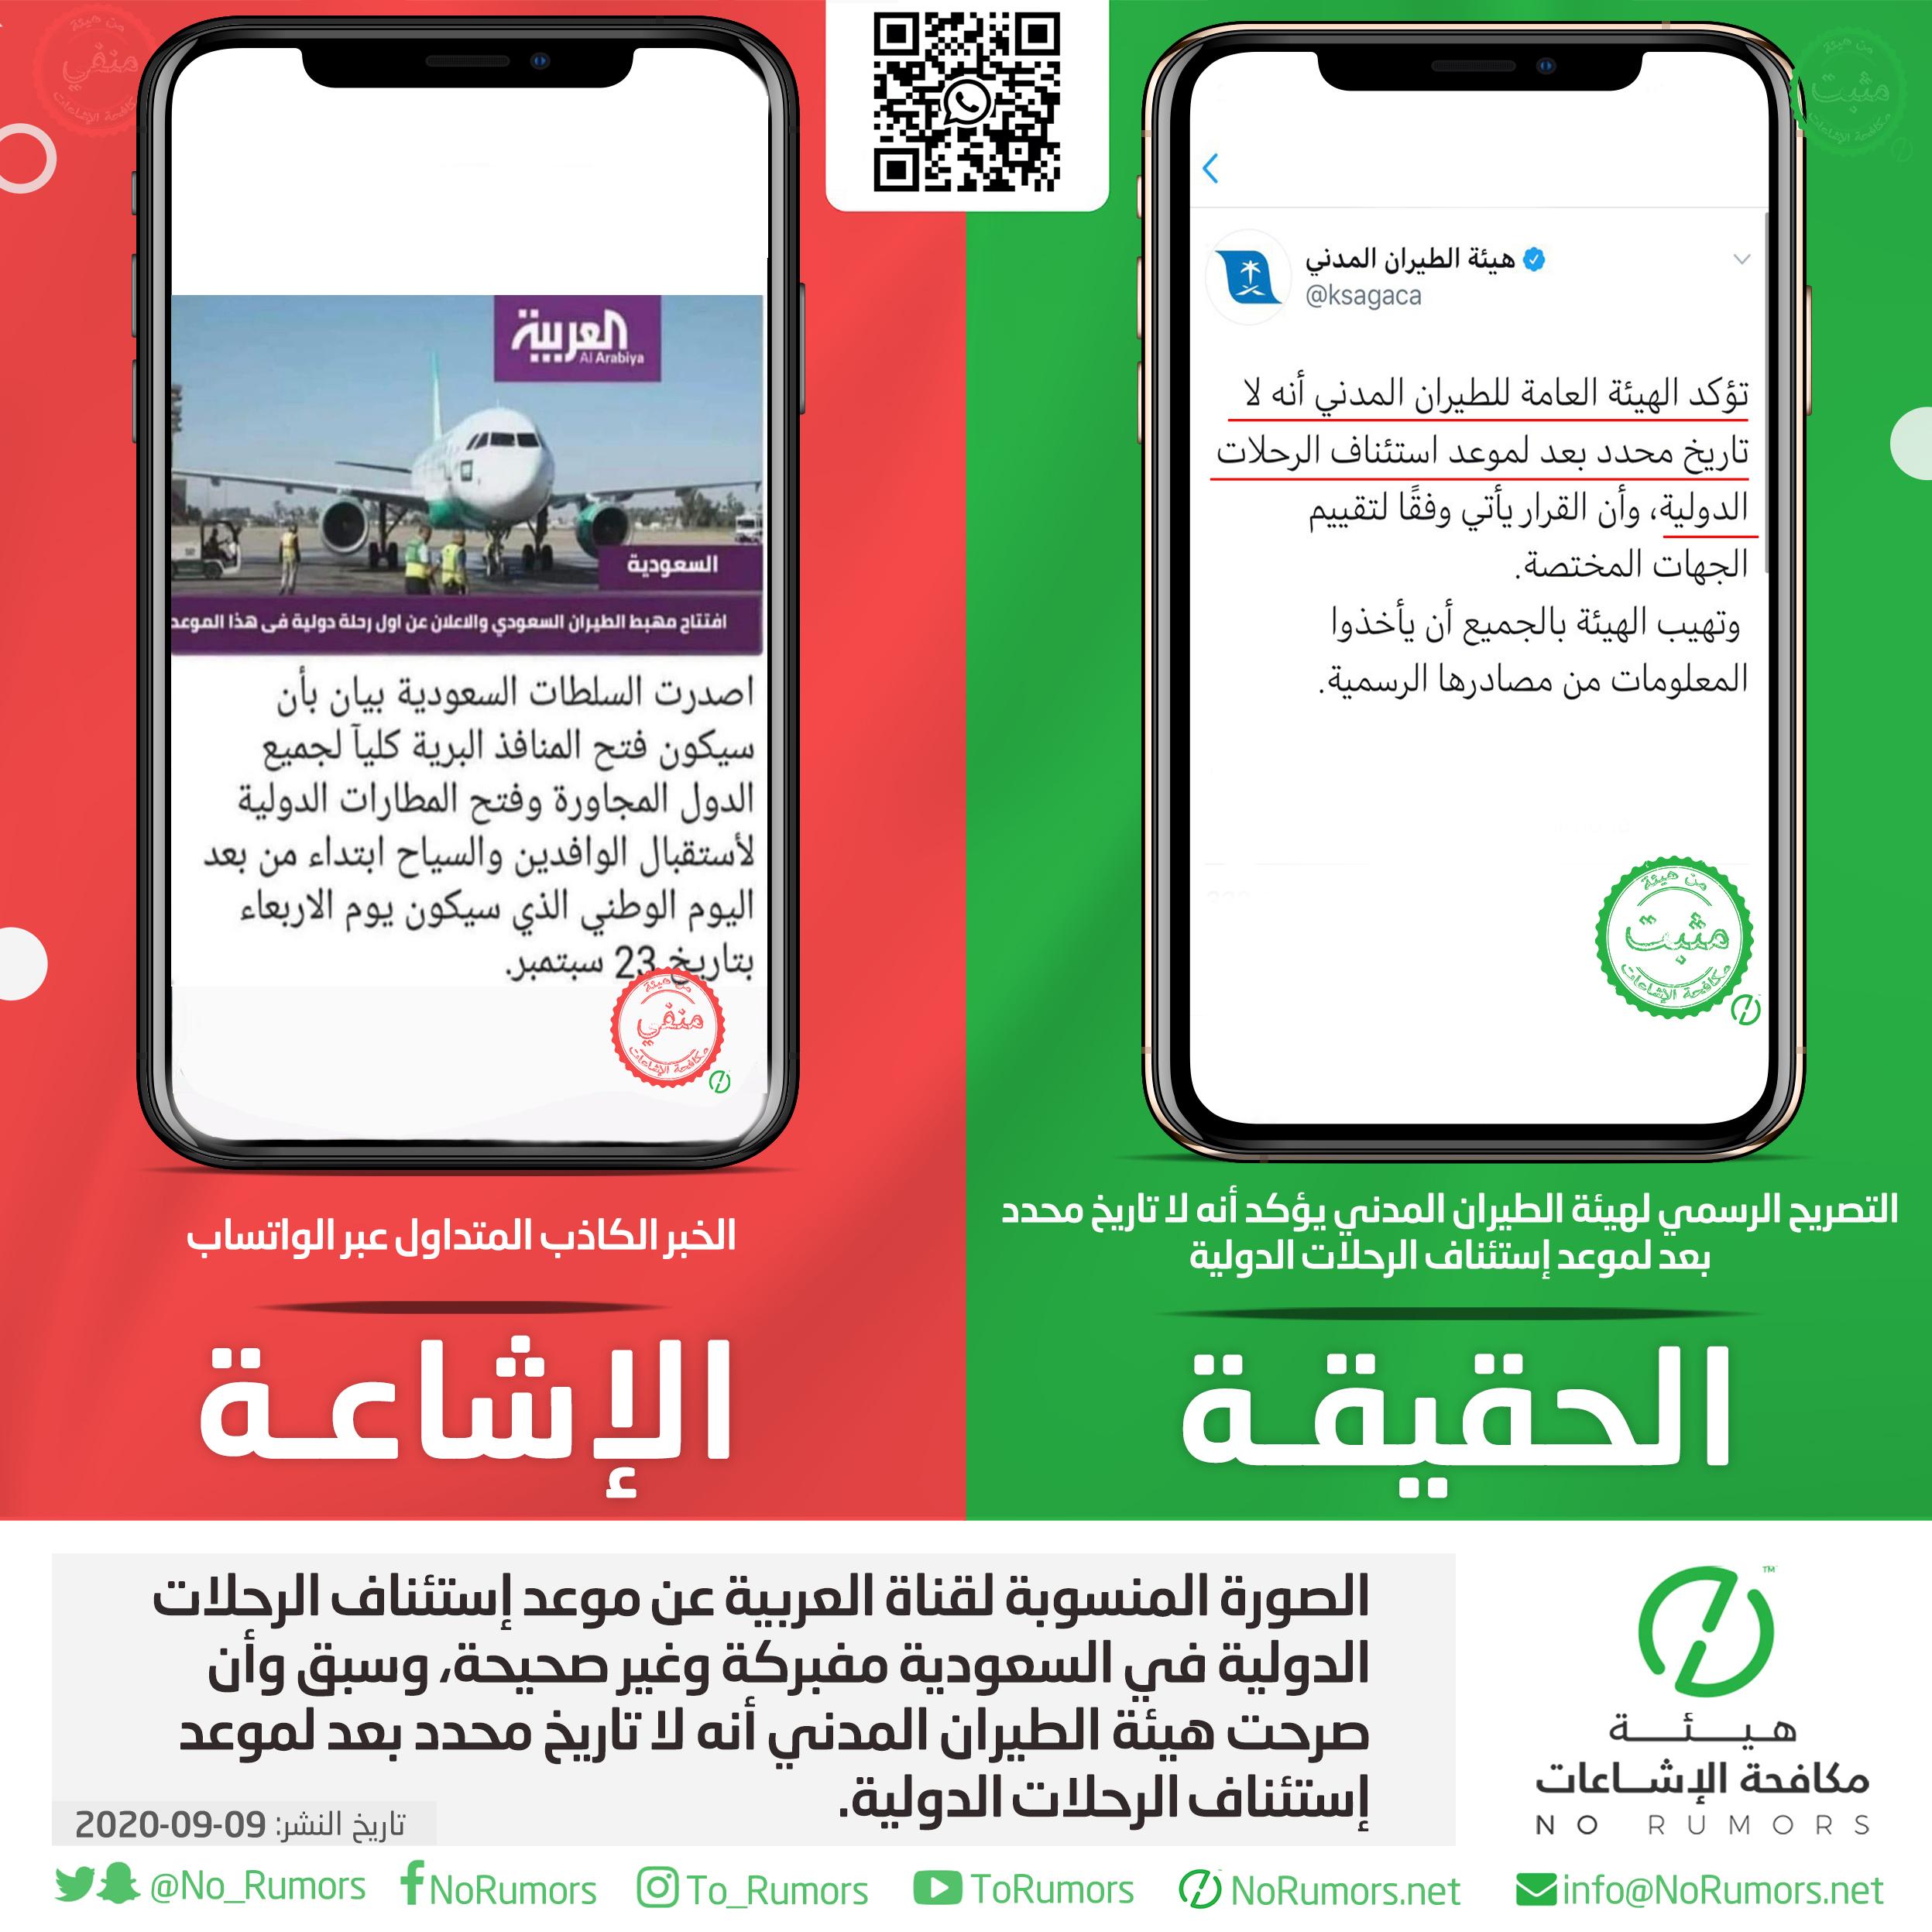 حقيقة الصورة المنسوبة لقناة العربية عن موعد إستئناف الرحلات الدولية في السعودية